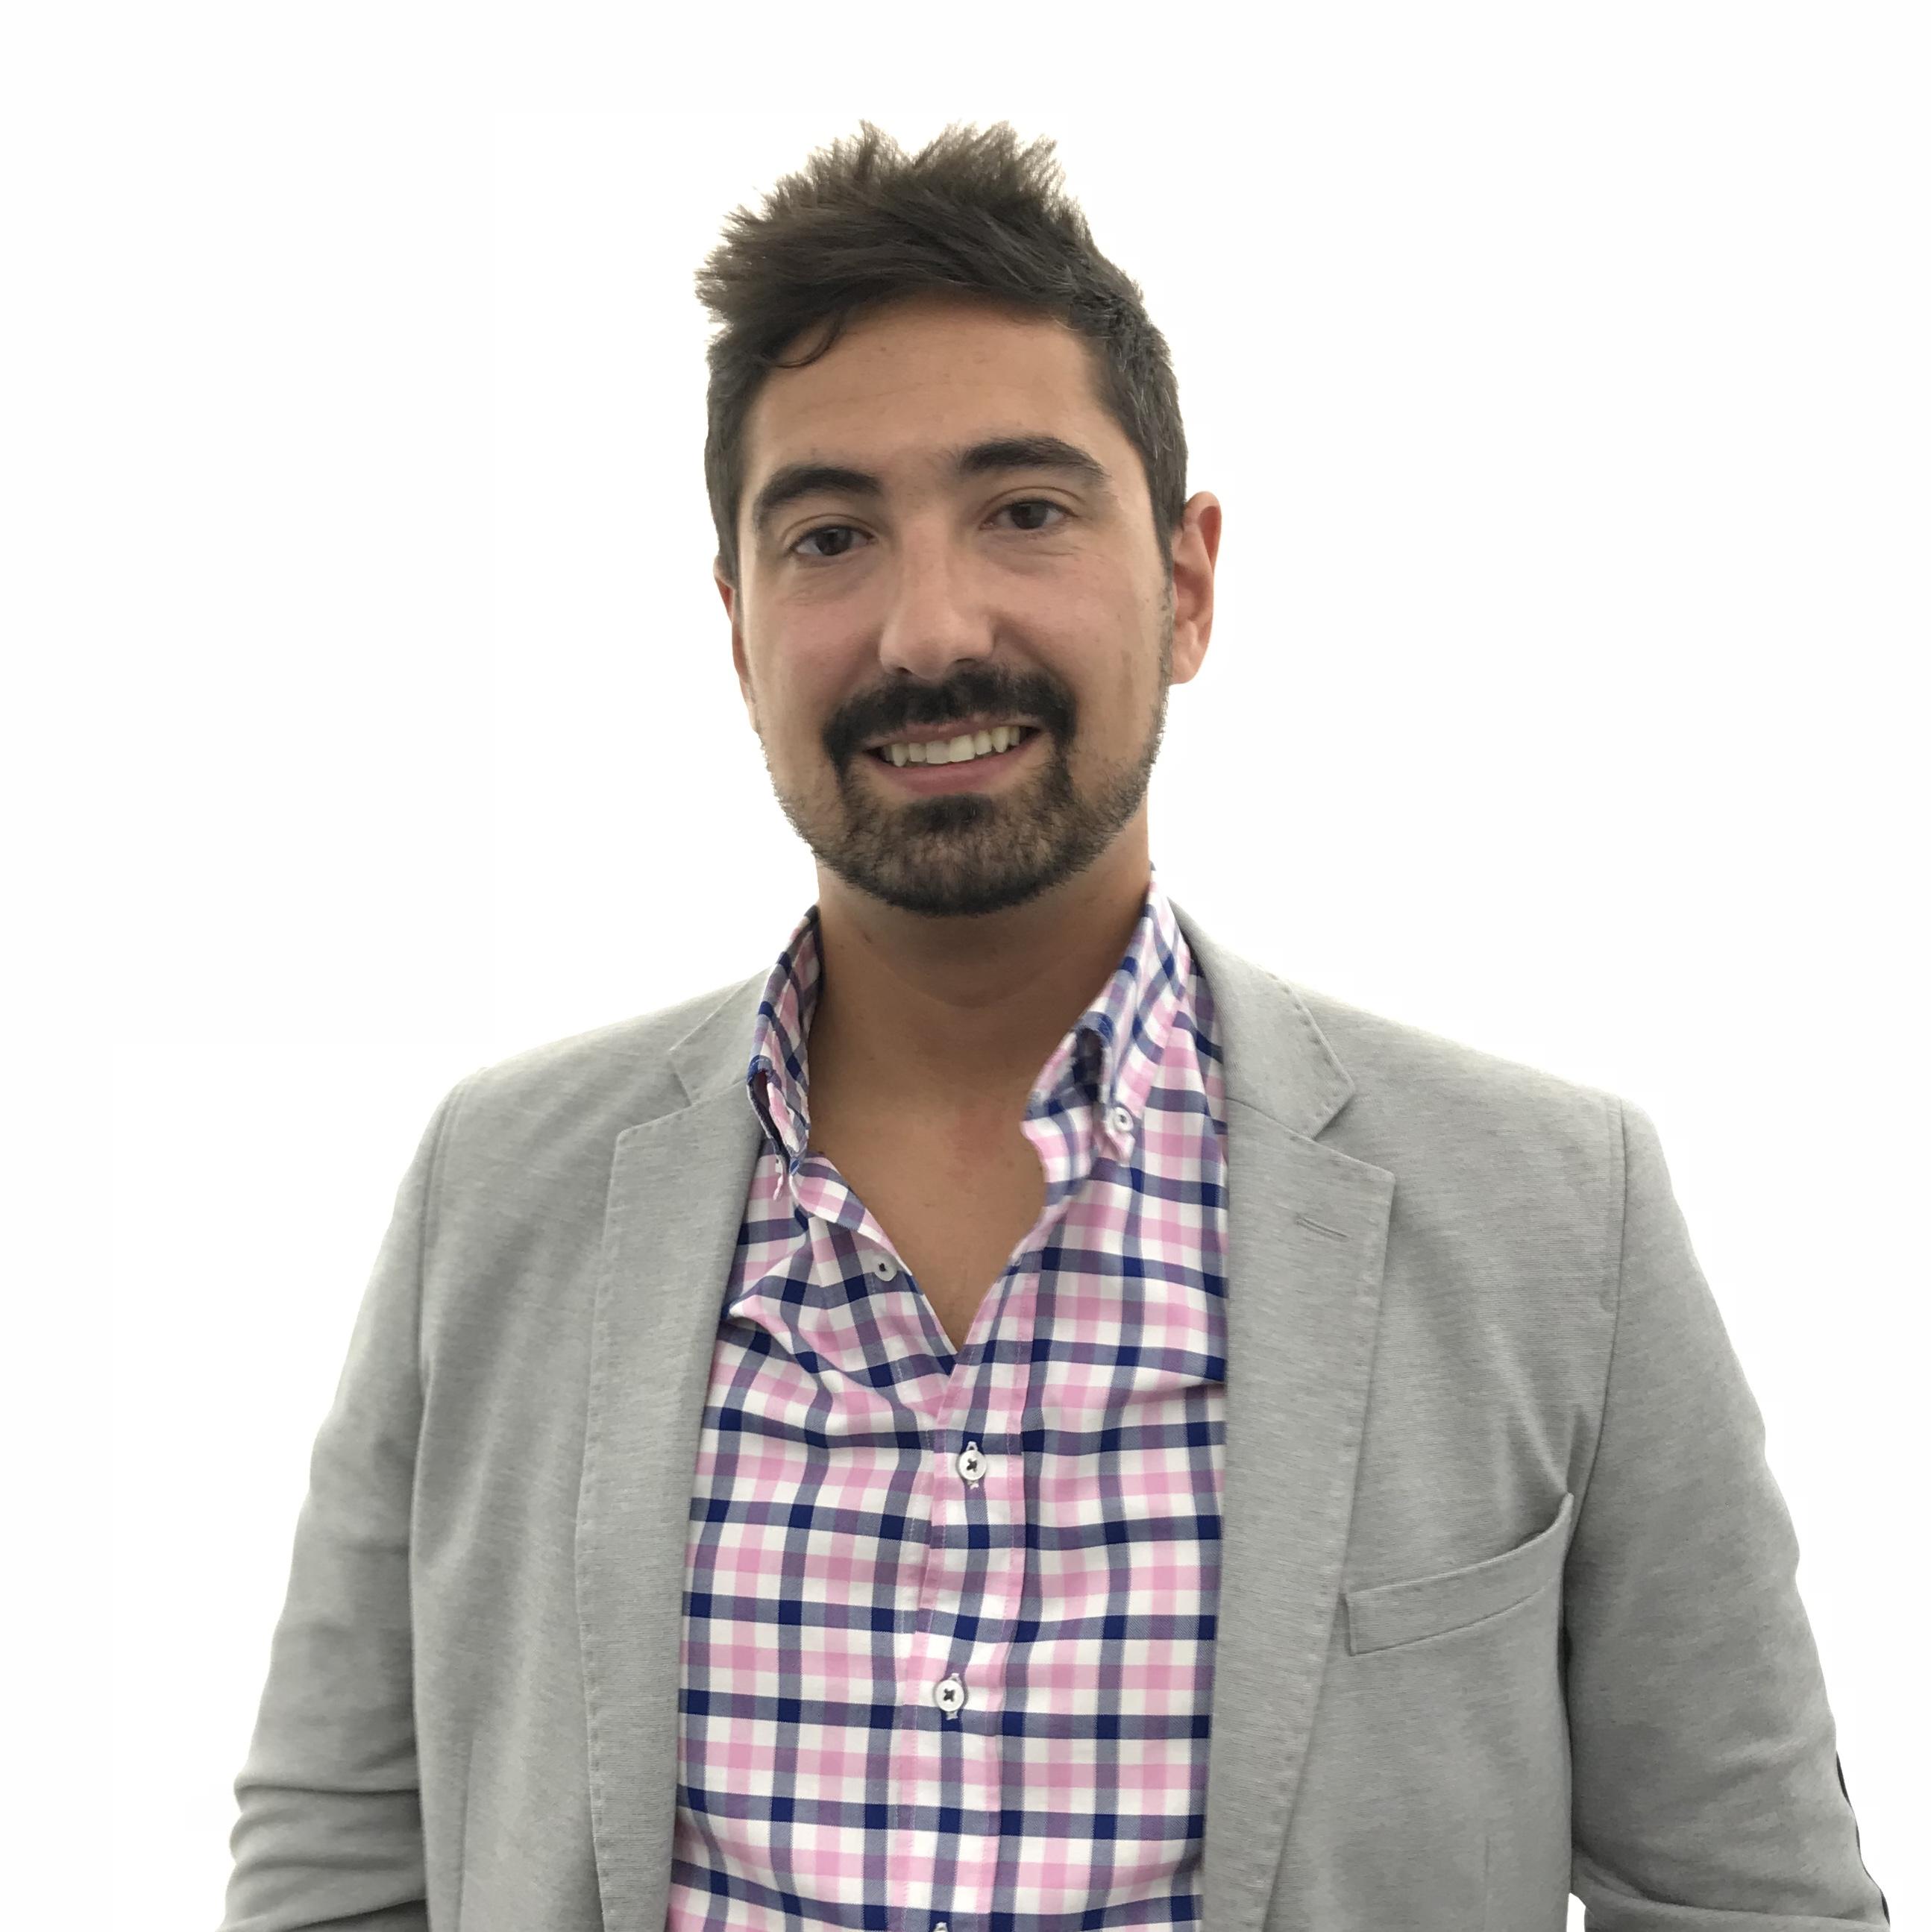 Mario Martino